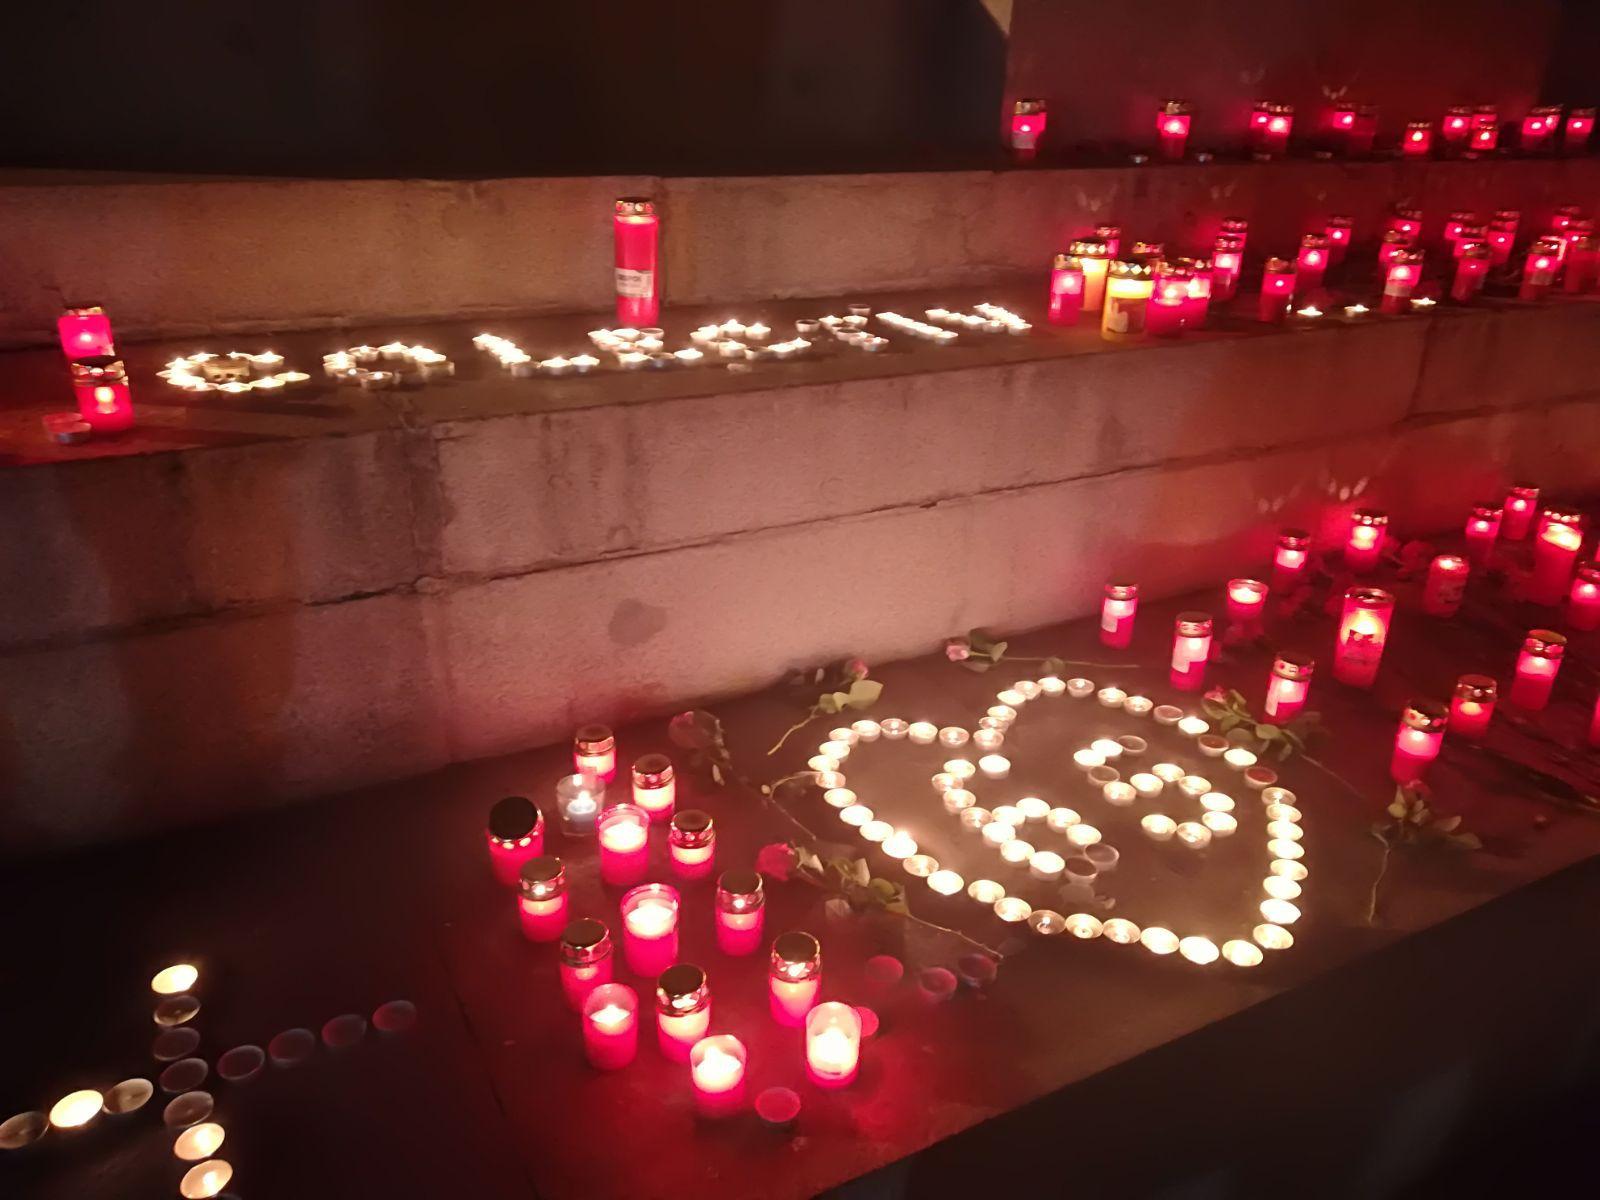 Candele, flori şi rugăciuni, în memoria victimelor de la Colectiv, în Cluj-Napoca, Iaşi şi Sibiu: `E important să ne amintim de cât de vulnerabili am fost atunci, cât de vulnerabili suntem acum în faţa unui sistem corupt`